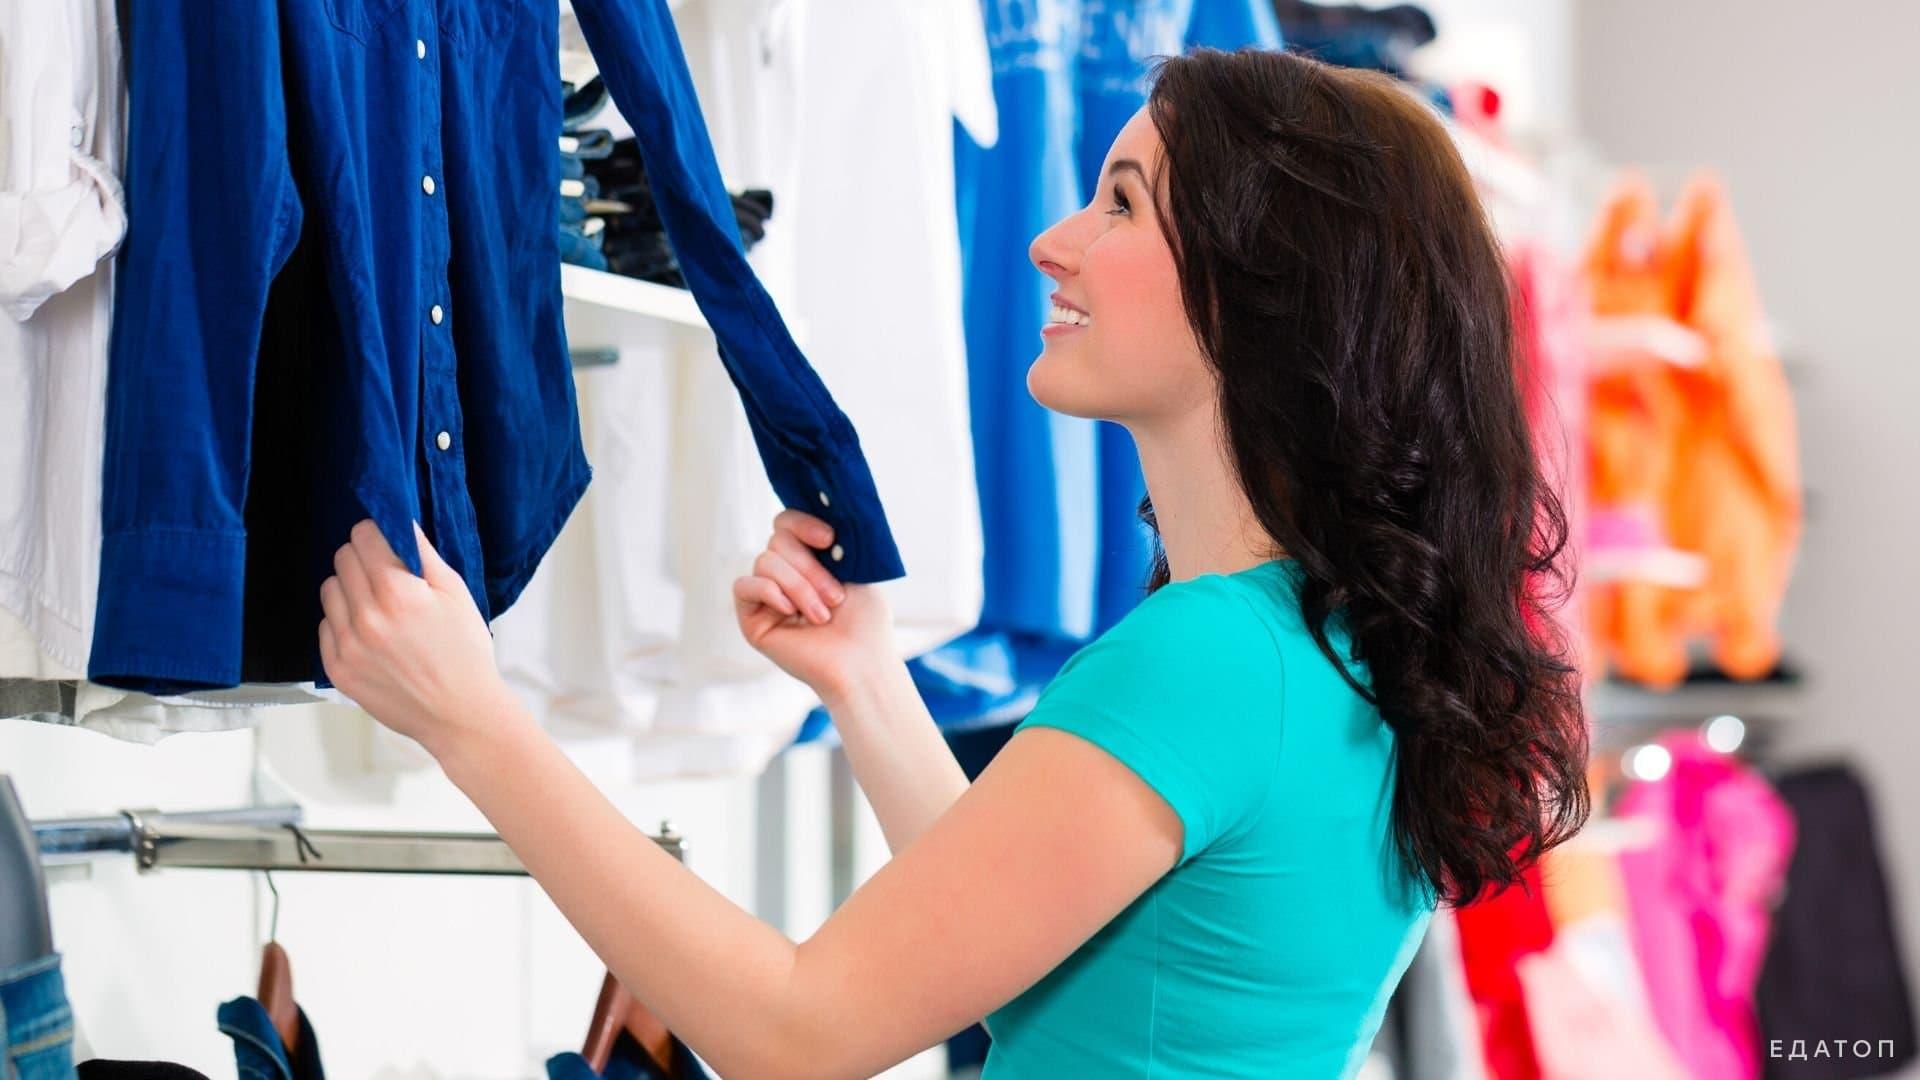 Одежду лучше покупать на полразмера или на размер меньше.